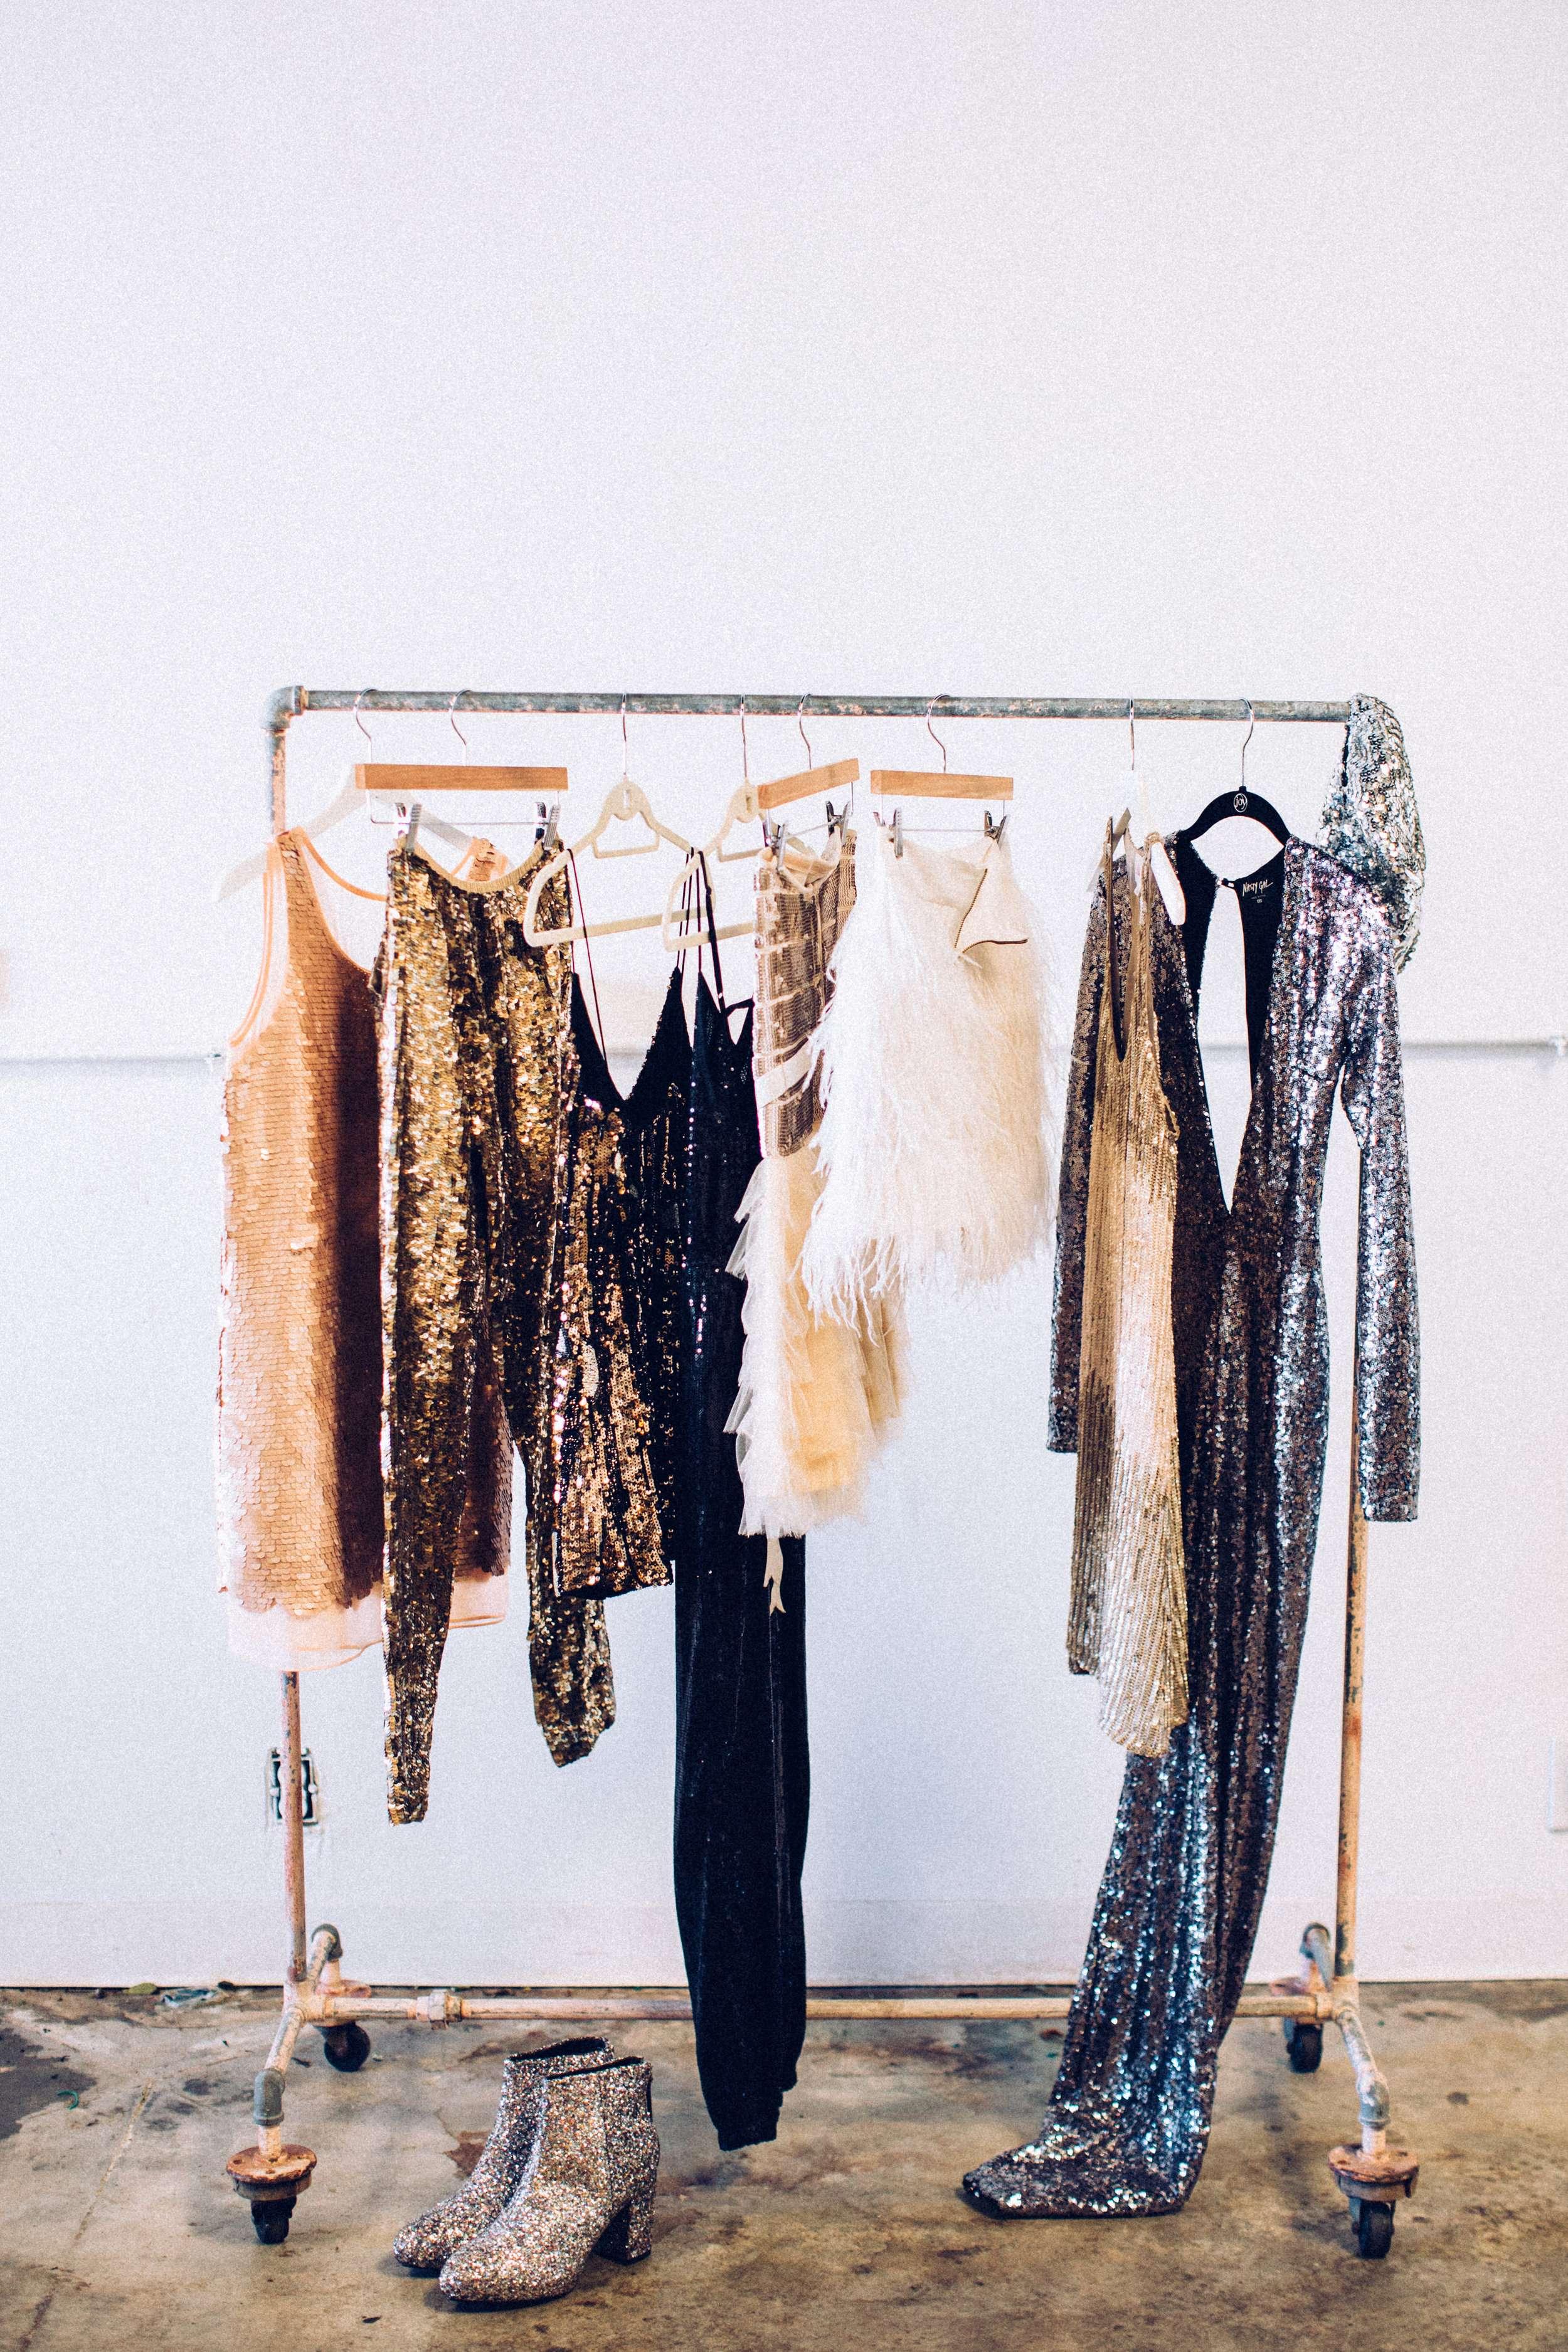 Cập nhật ngay bí quyết bảo quản quần áo từ chất liệu khó nhằn - Hình 11